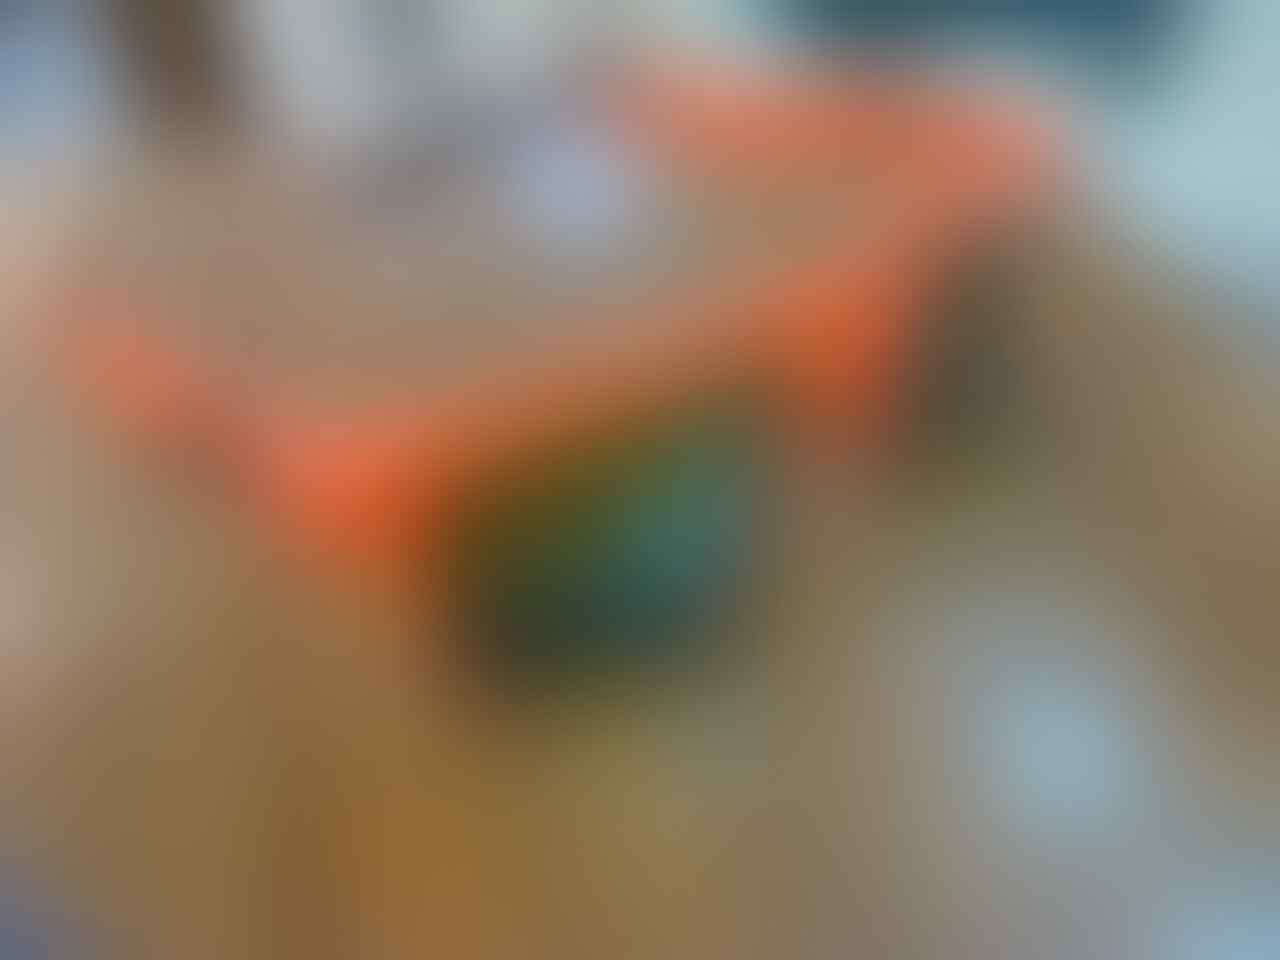 JUAL KACAMATA RAYBAN NEVER HIDE DAN KACAMATA LAINNYA | LIKE ORI HARGA KASKUS!!